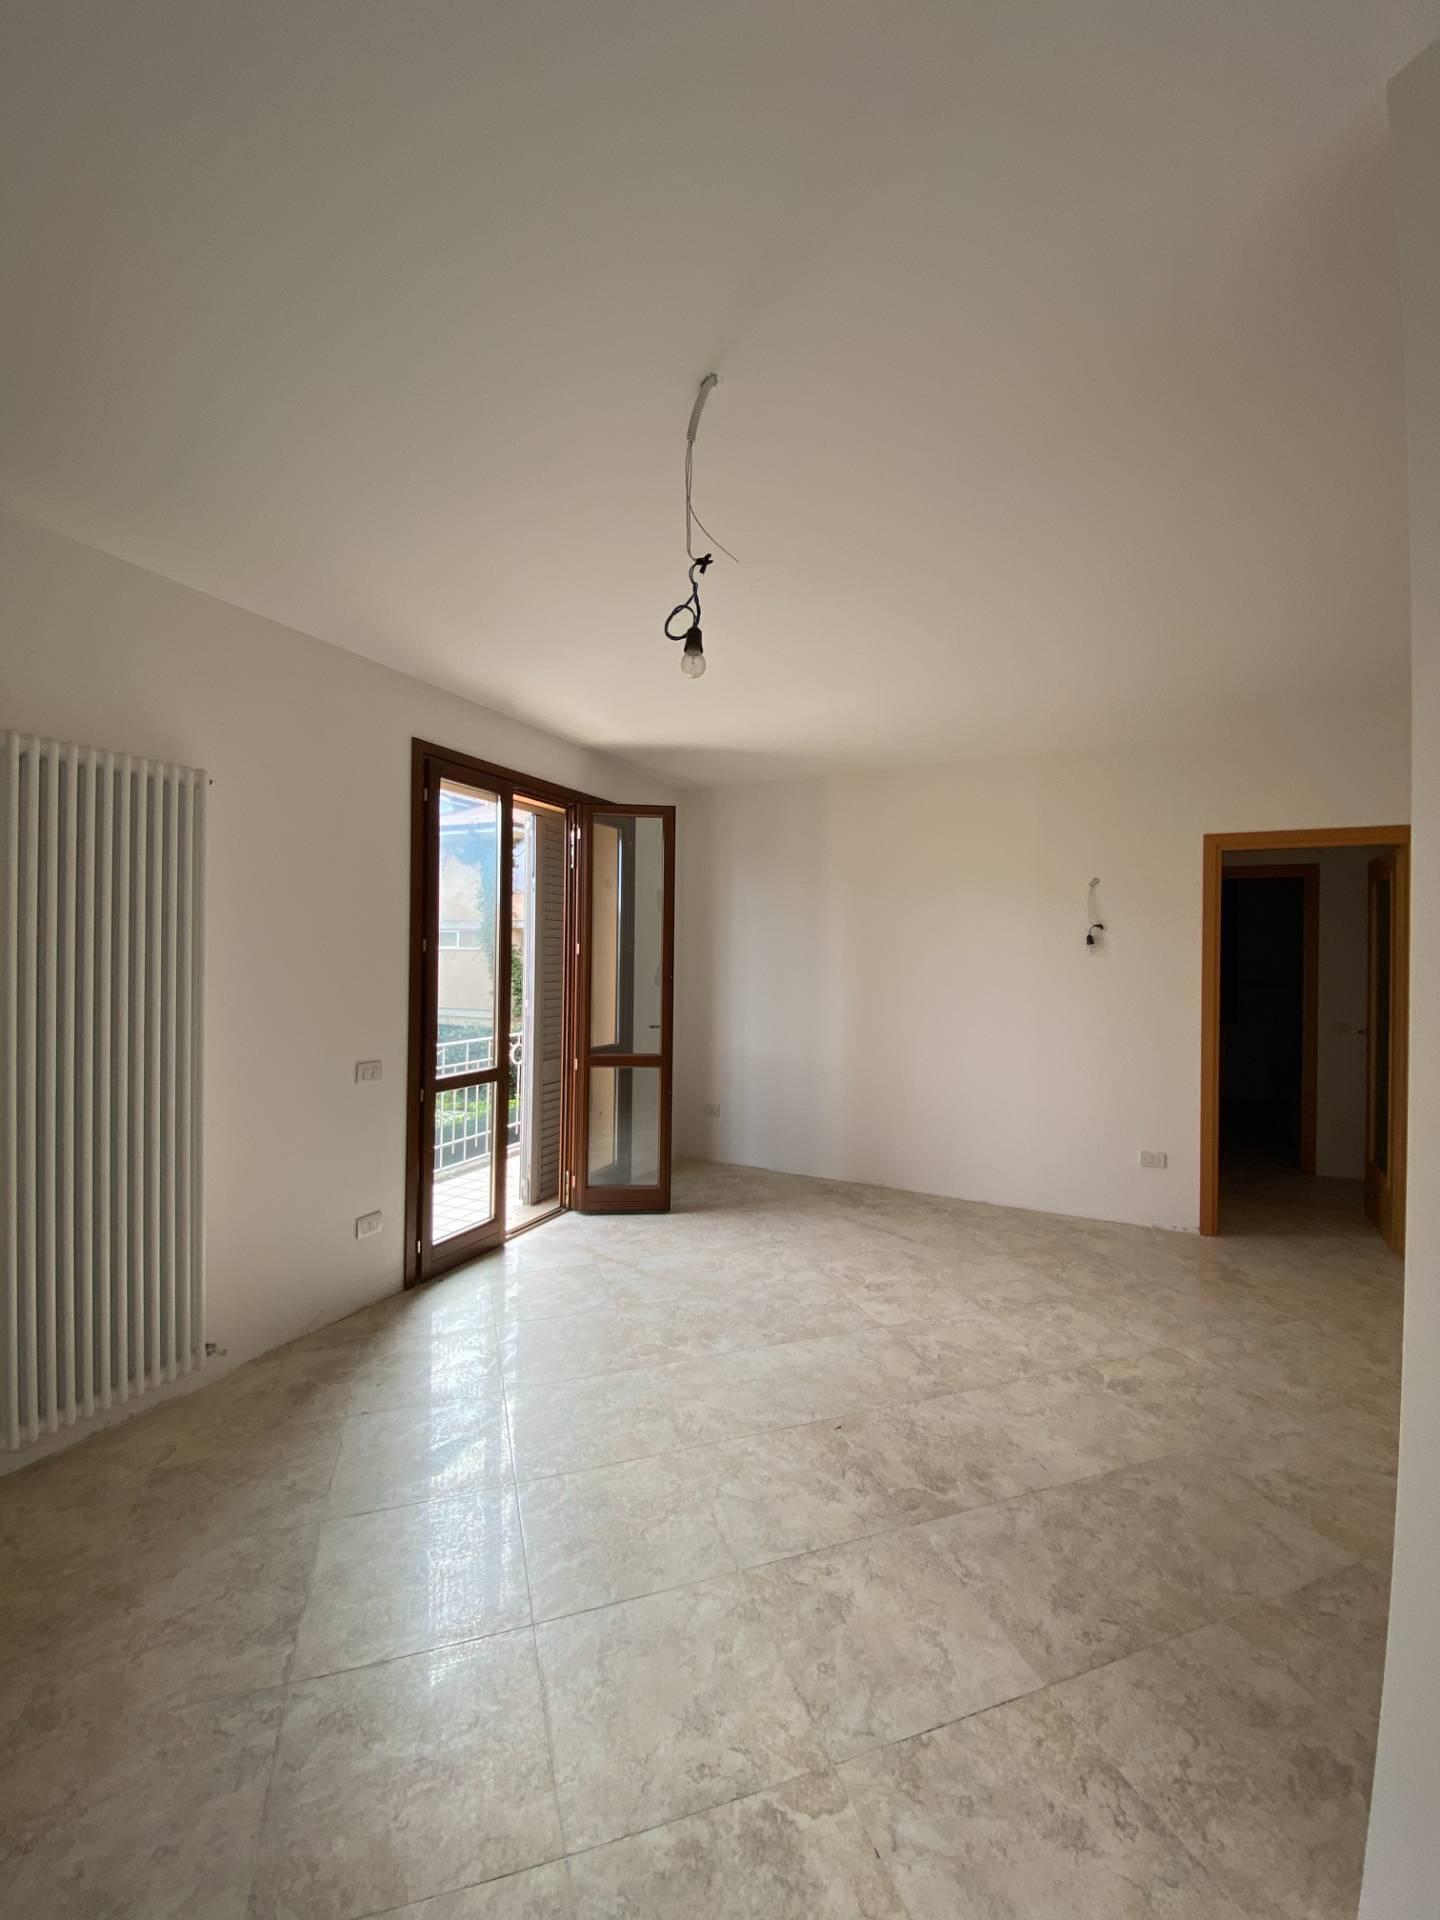 Appartamento in vendita a Servigliano, 5 locali, Trattative riservate   CambioCasa.it